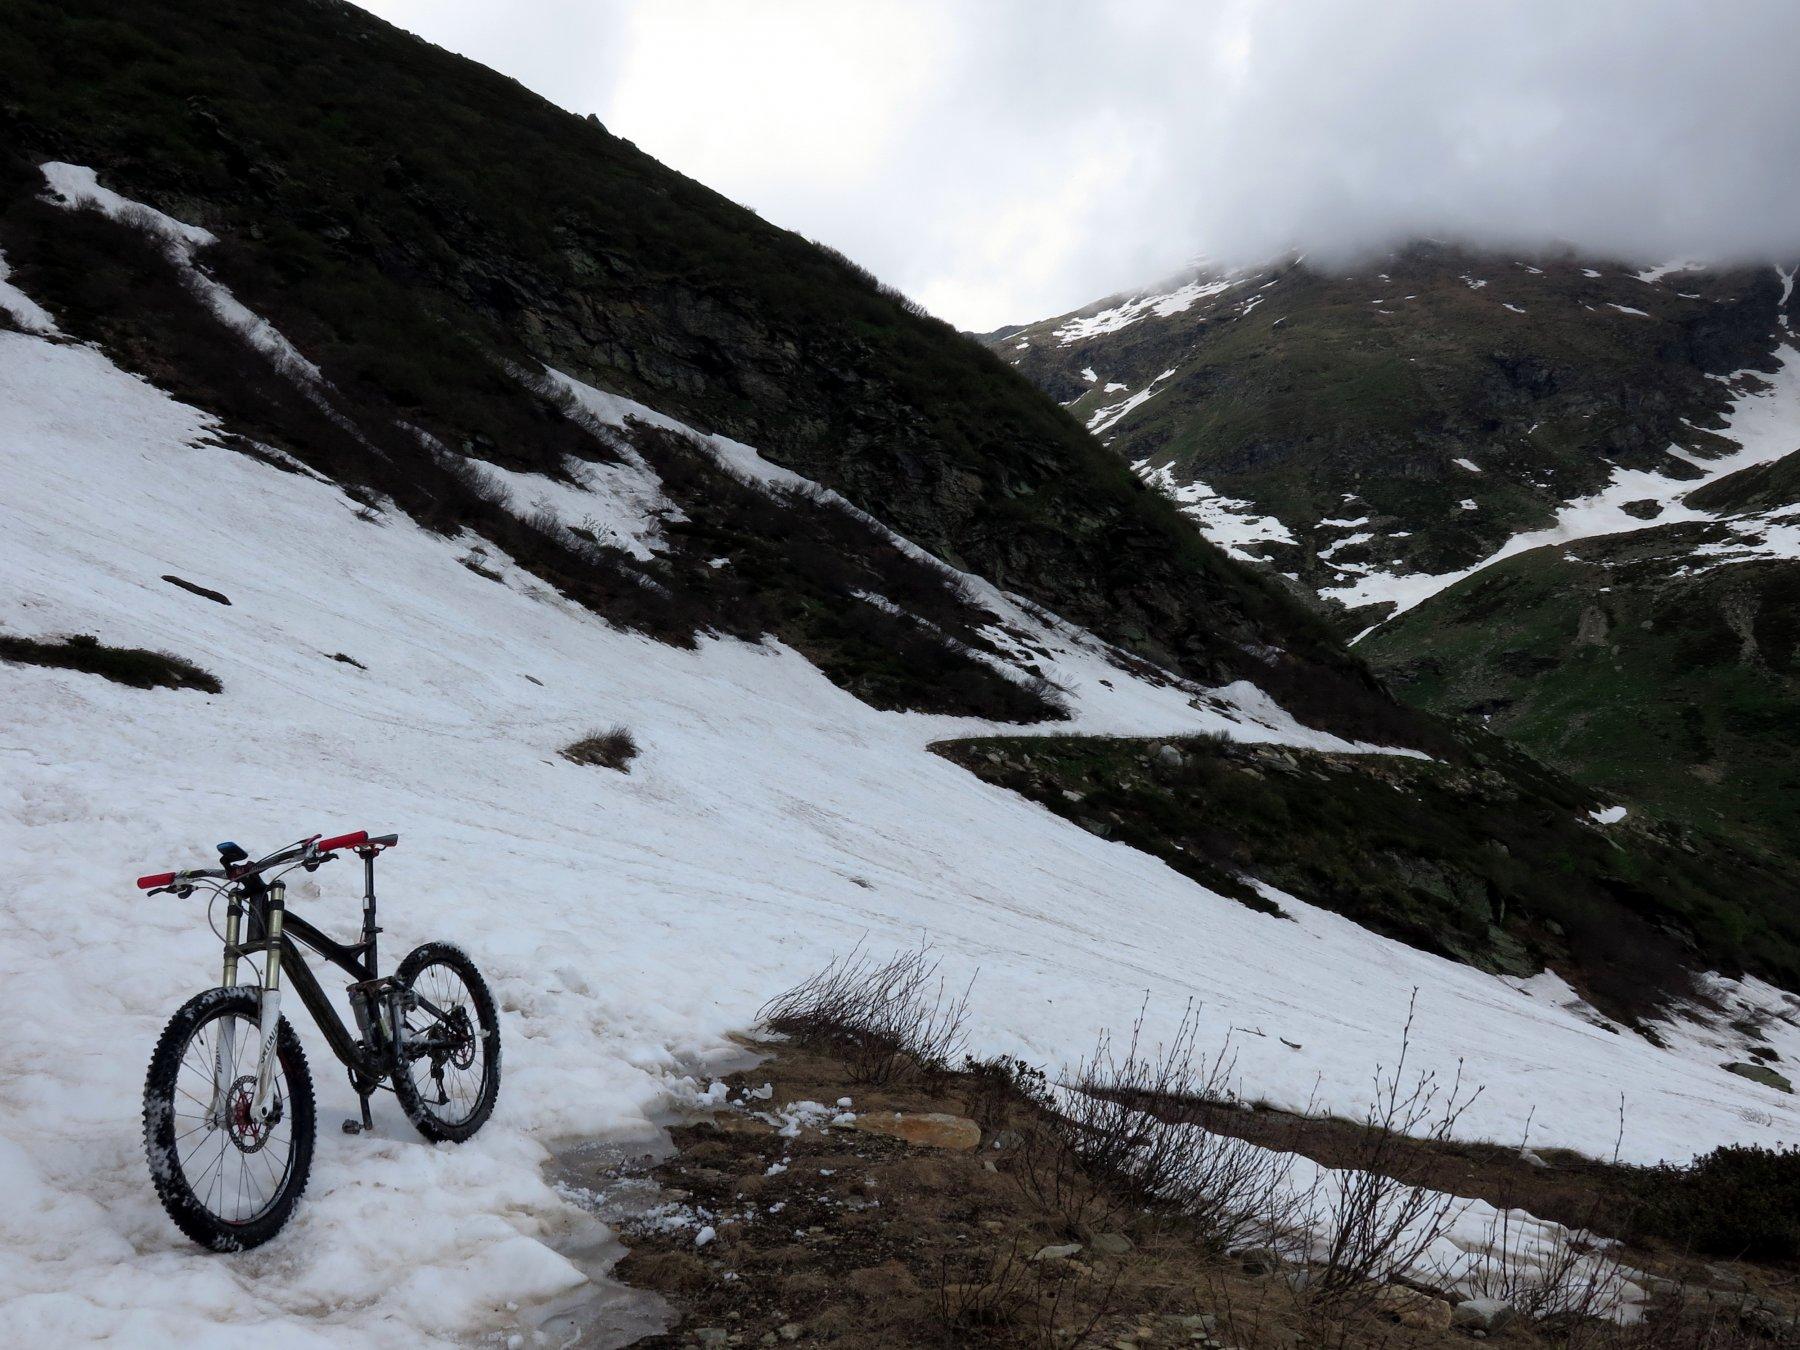 Ultimissimo tratto prima del bivio dove parte il sentiero, ancora molta neve!